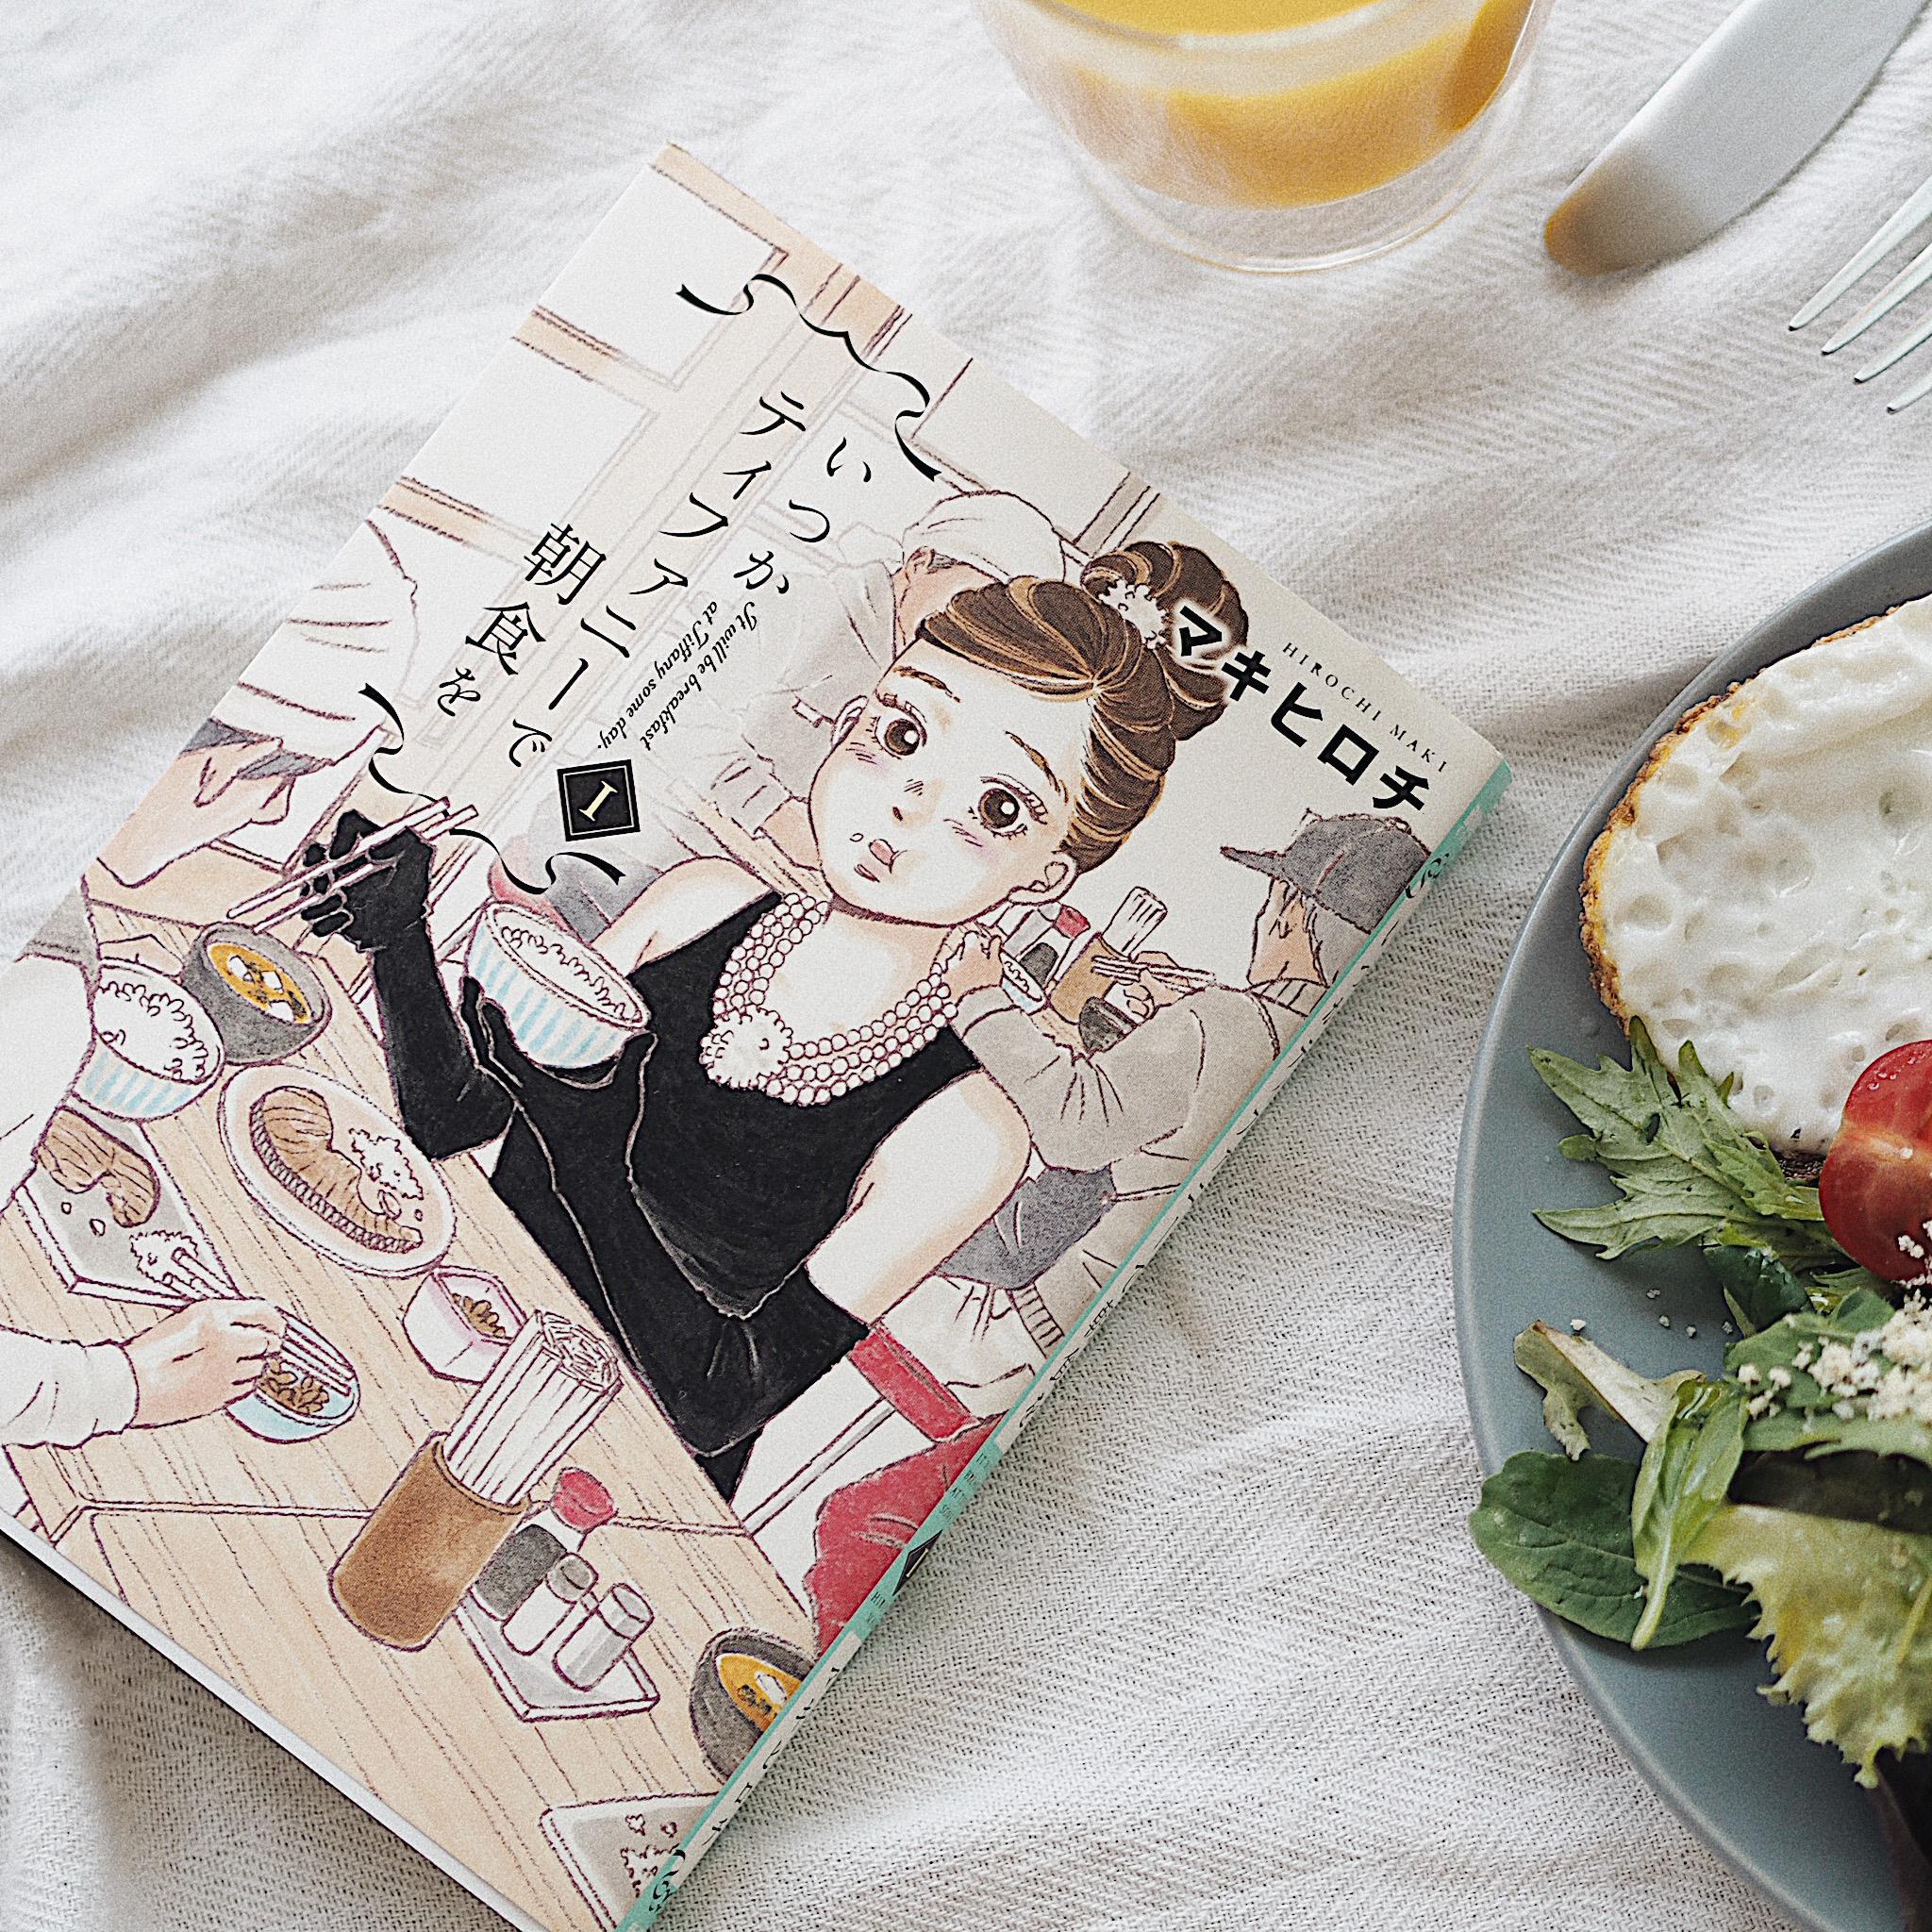 漫画『いつかティファニーで朝食を』をお手本にして!